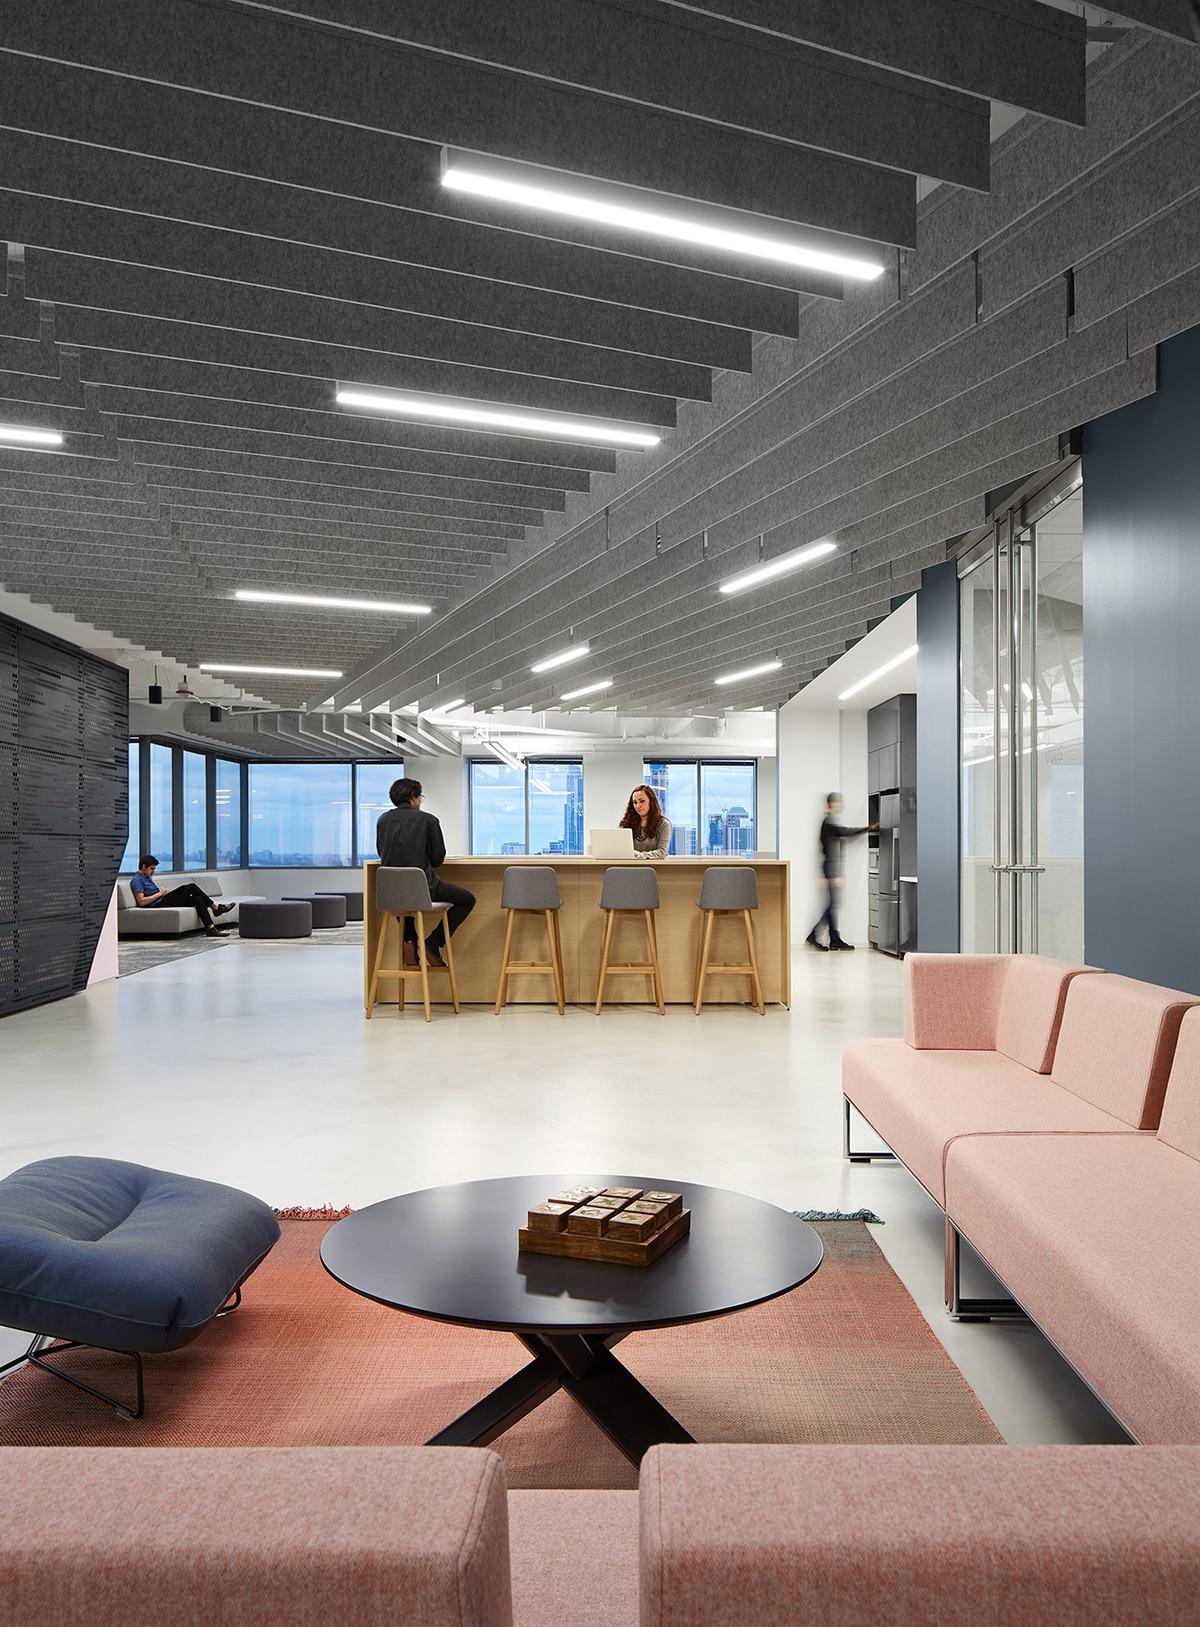 2-pru-office-chicago-2